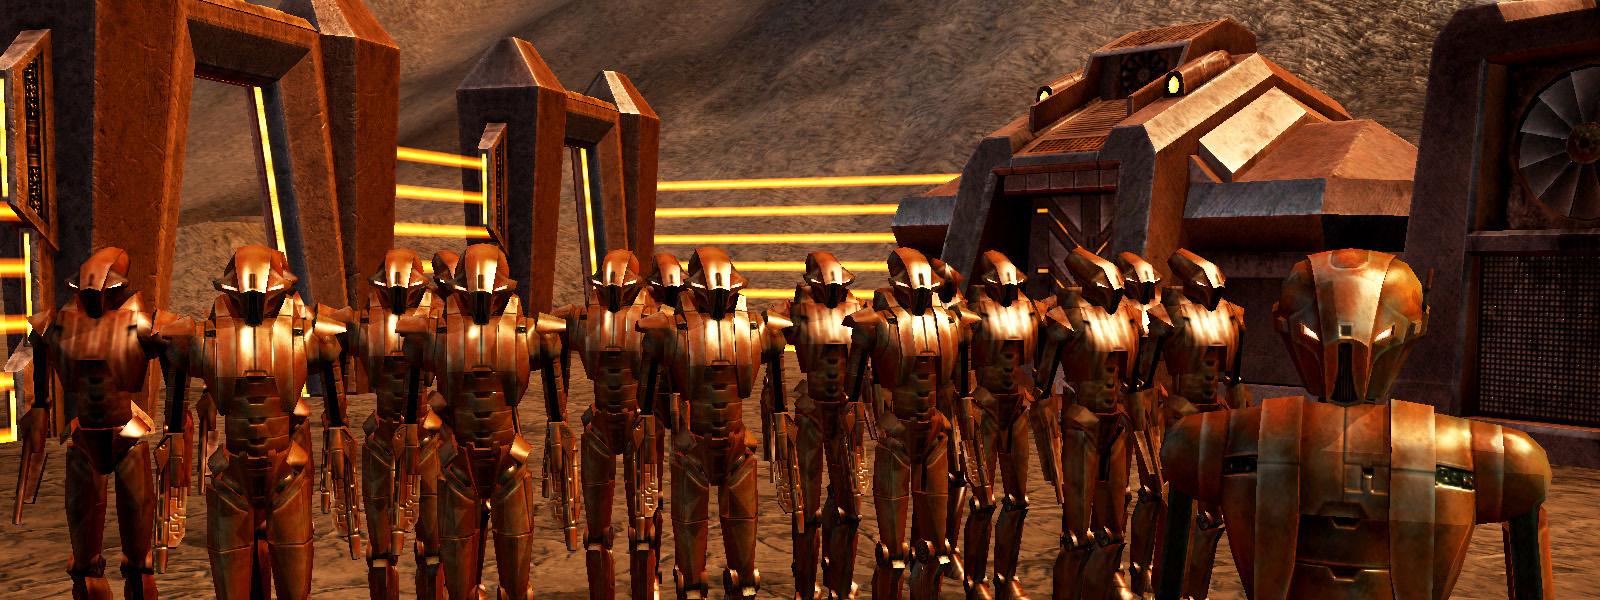 Hk 47 S Droid Army Wookieepedia Fandom Powered By Wikia